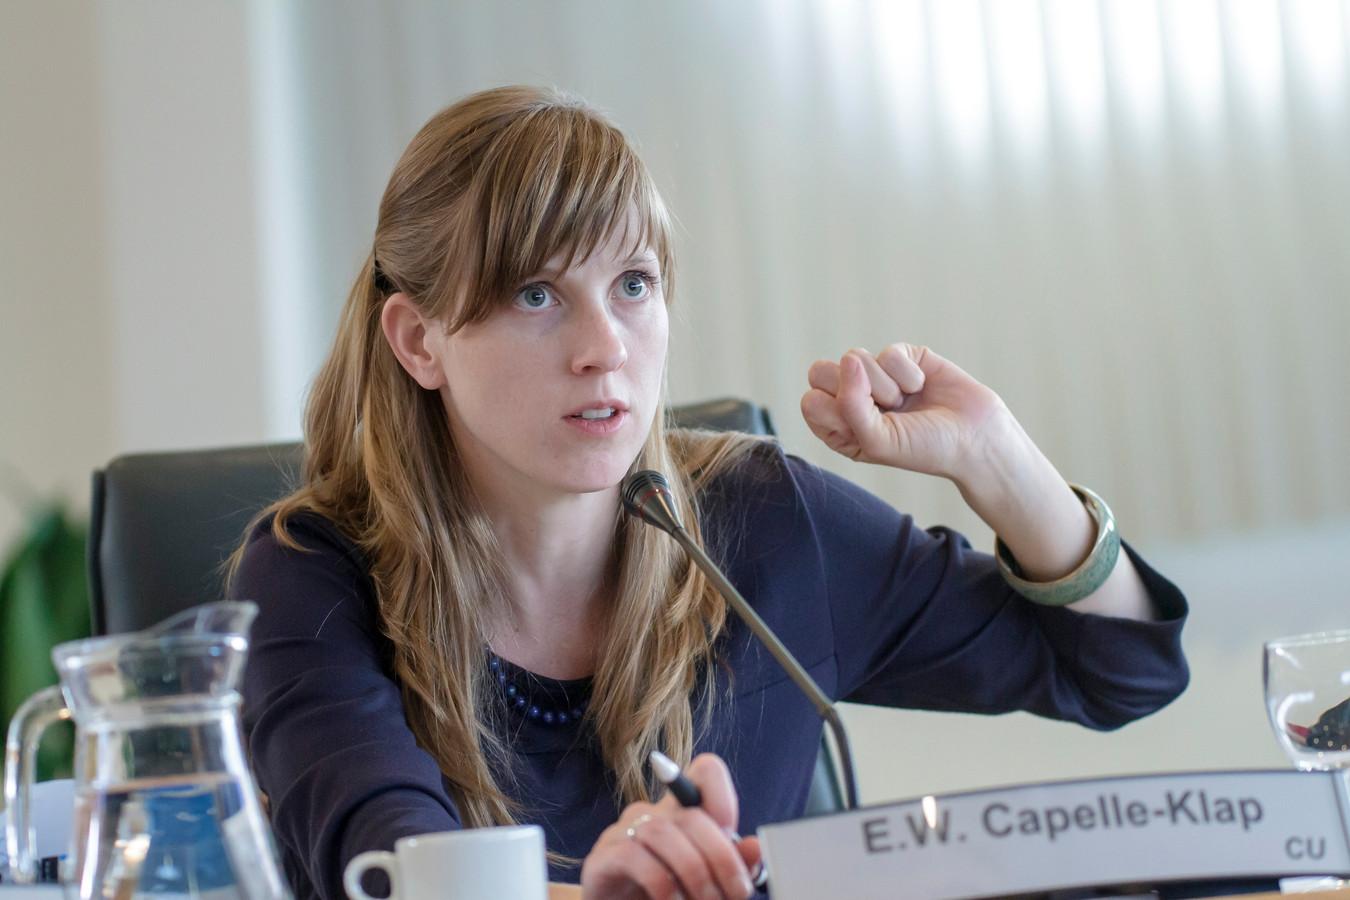 Erika Capelle-Klap van de ChristenUnie.